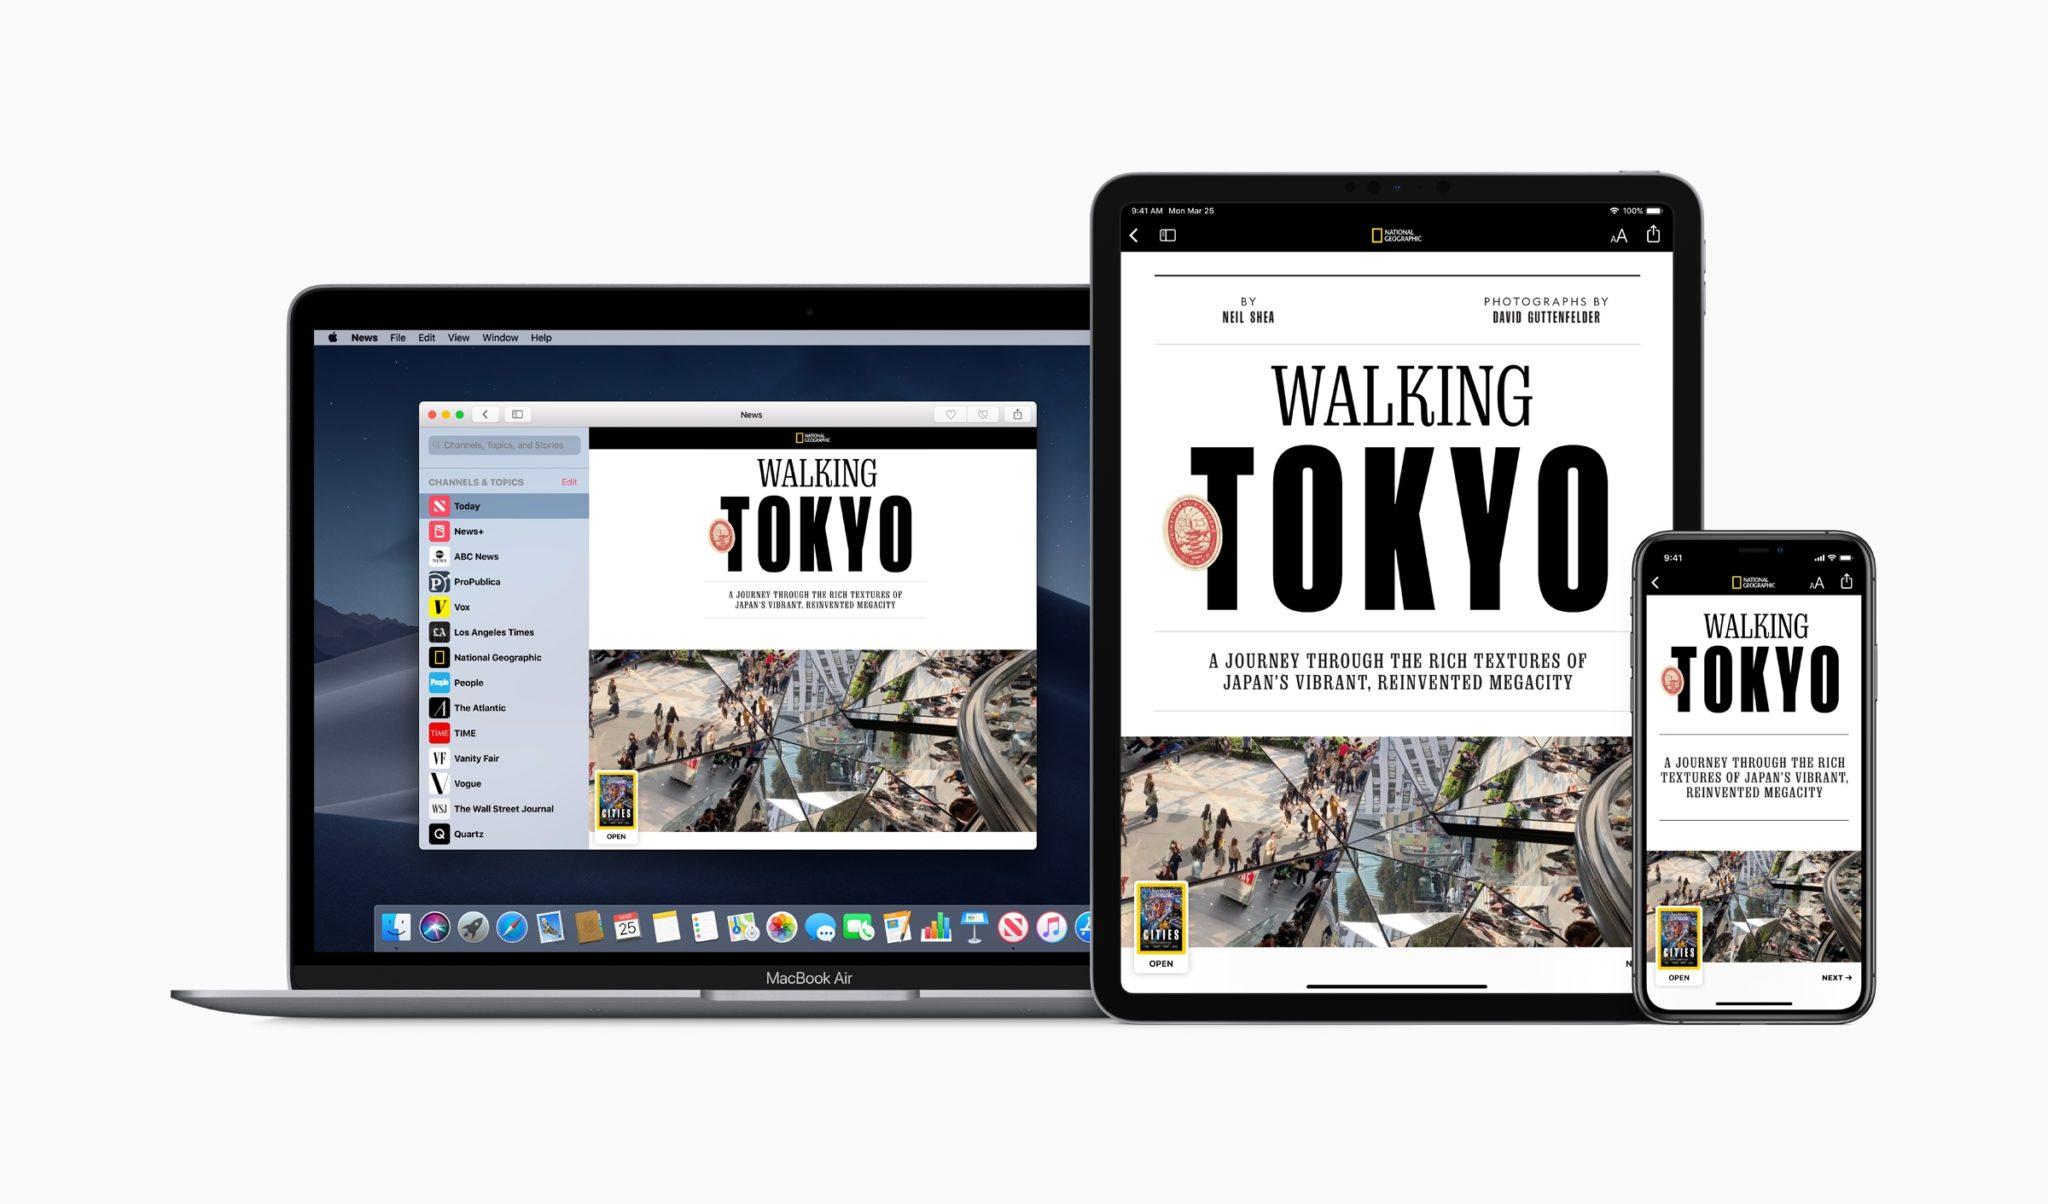 Apple news plus natgeo iphone ipad macbook pro screen 03252019 - Časopisová služba Apple News+: 300 časopisov za 10$ mesačne